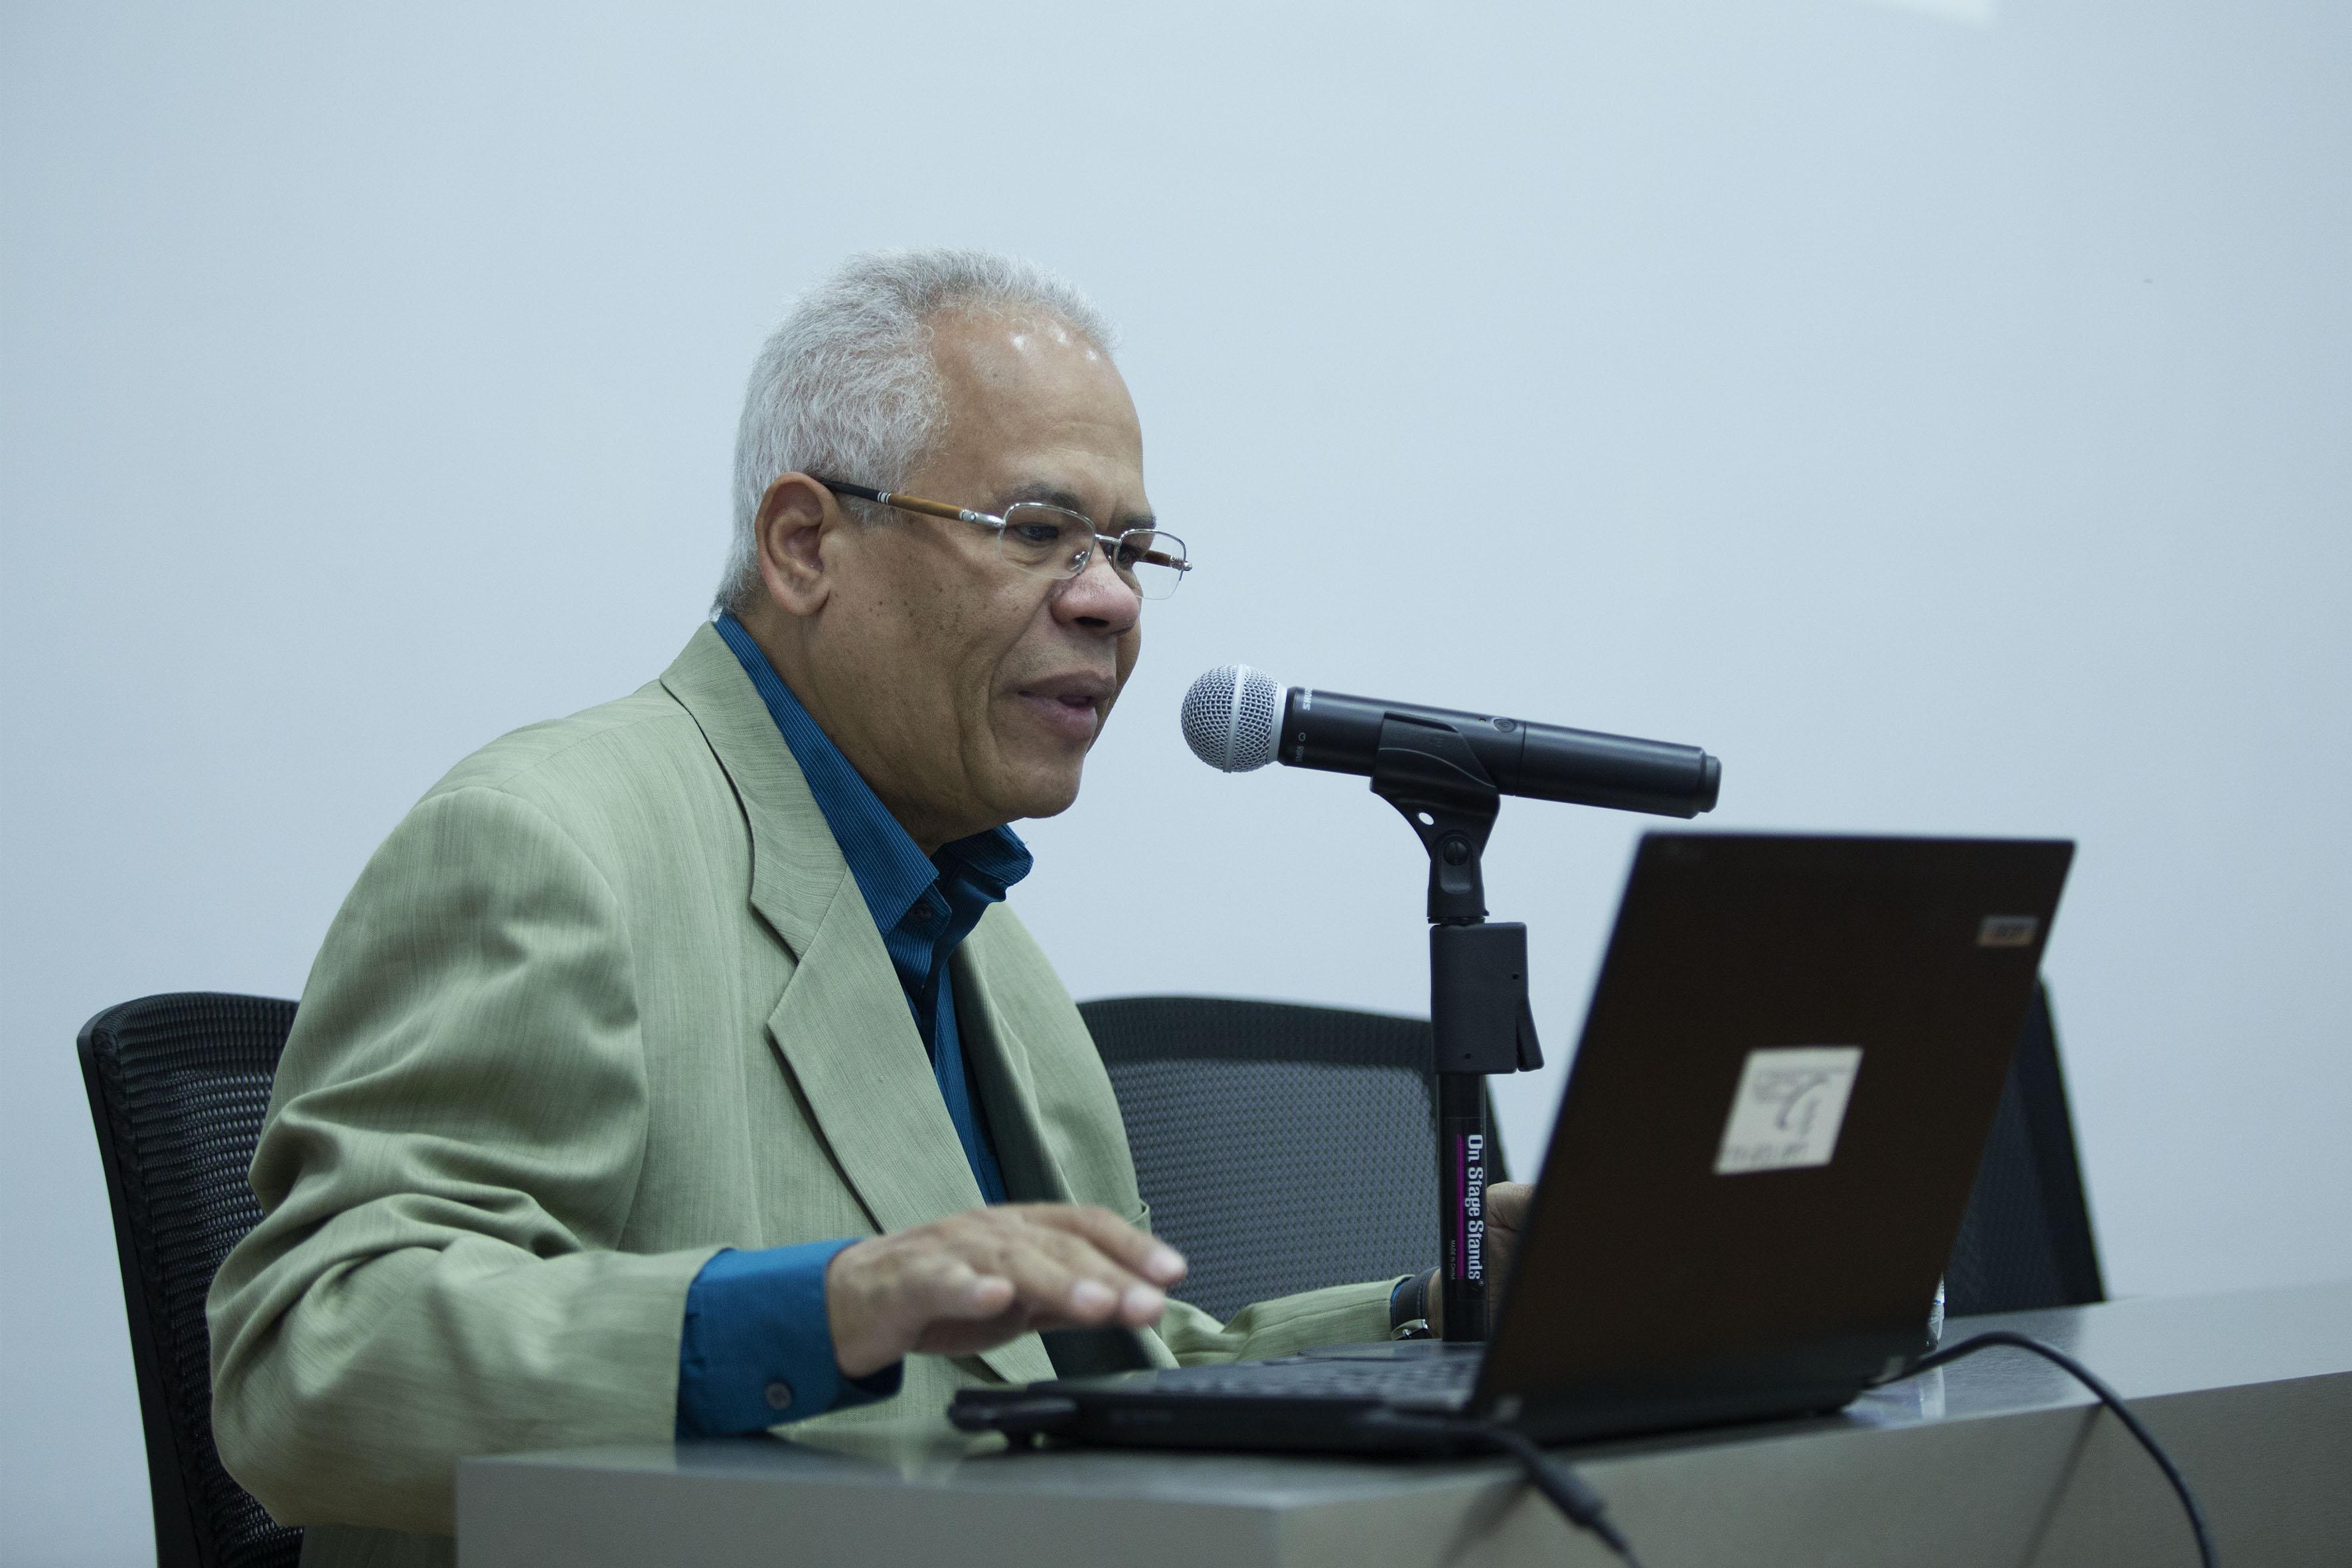 """Académico de la Universidad Federal de Pernambuco, en Brasil, doctor Marcelo Márcio Soares, impartiendo la charla """"Ergodiseño, usabilidad y tecnologías emergentes"""", a estudiantes de la maestría en Ergonomía."""